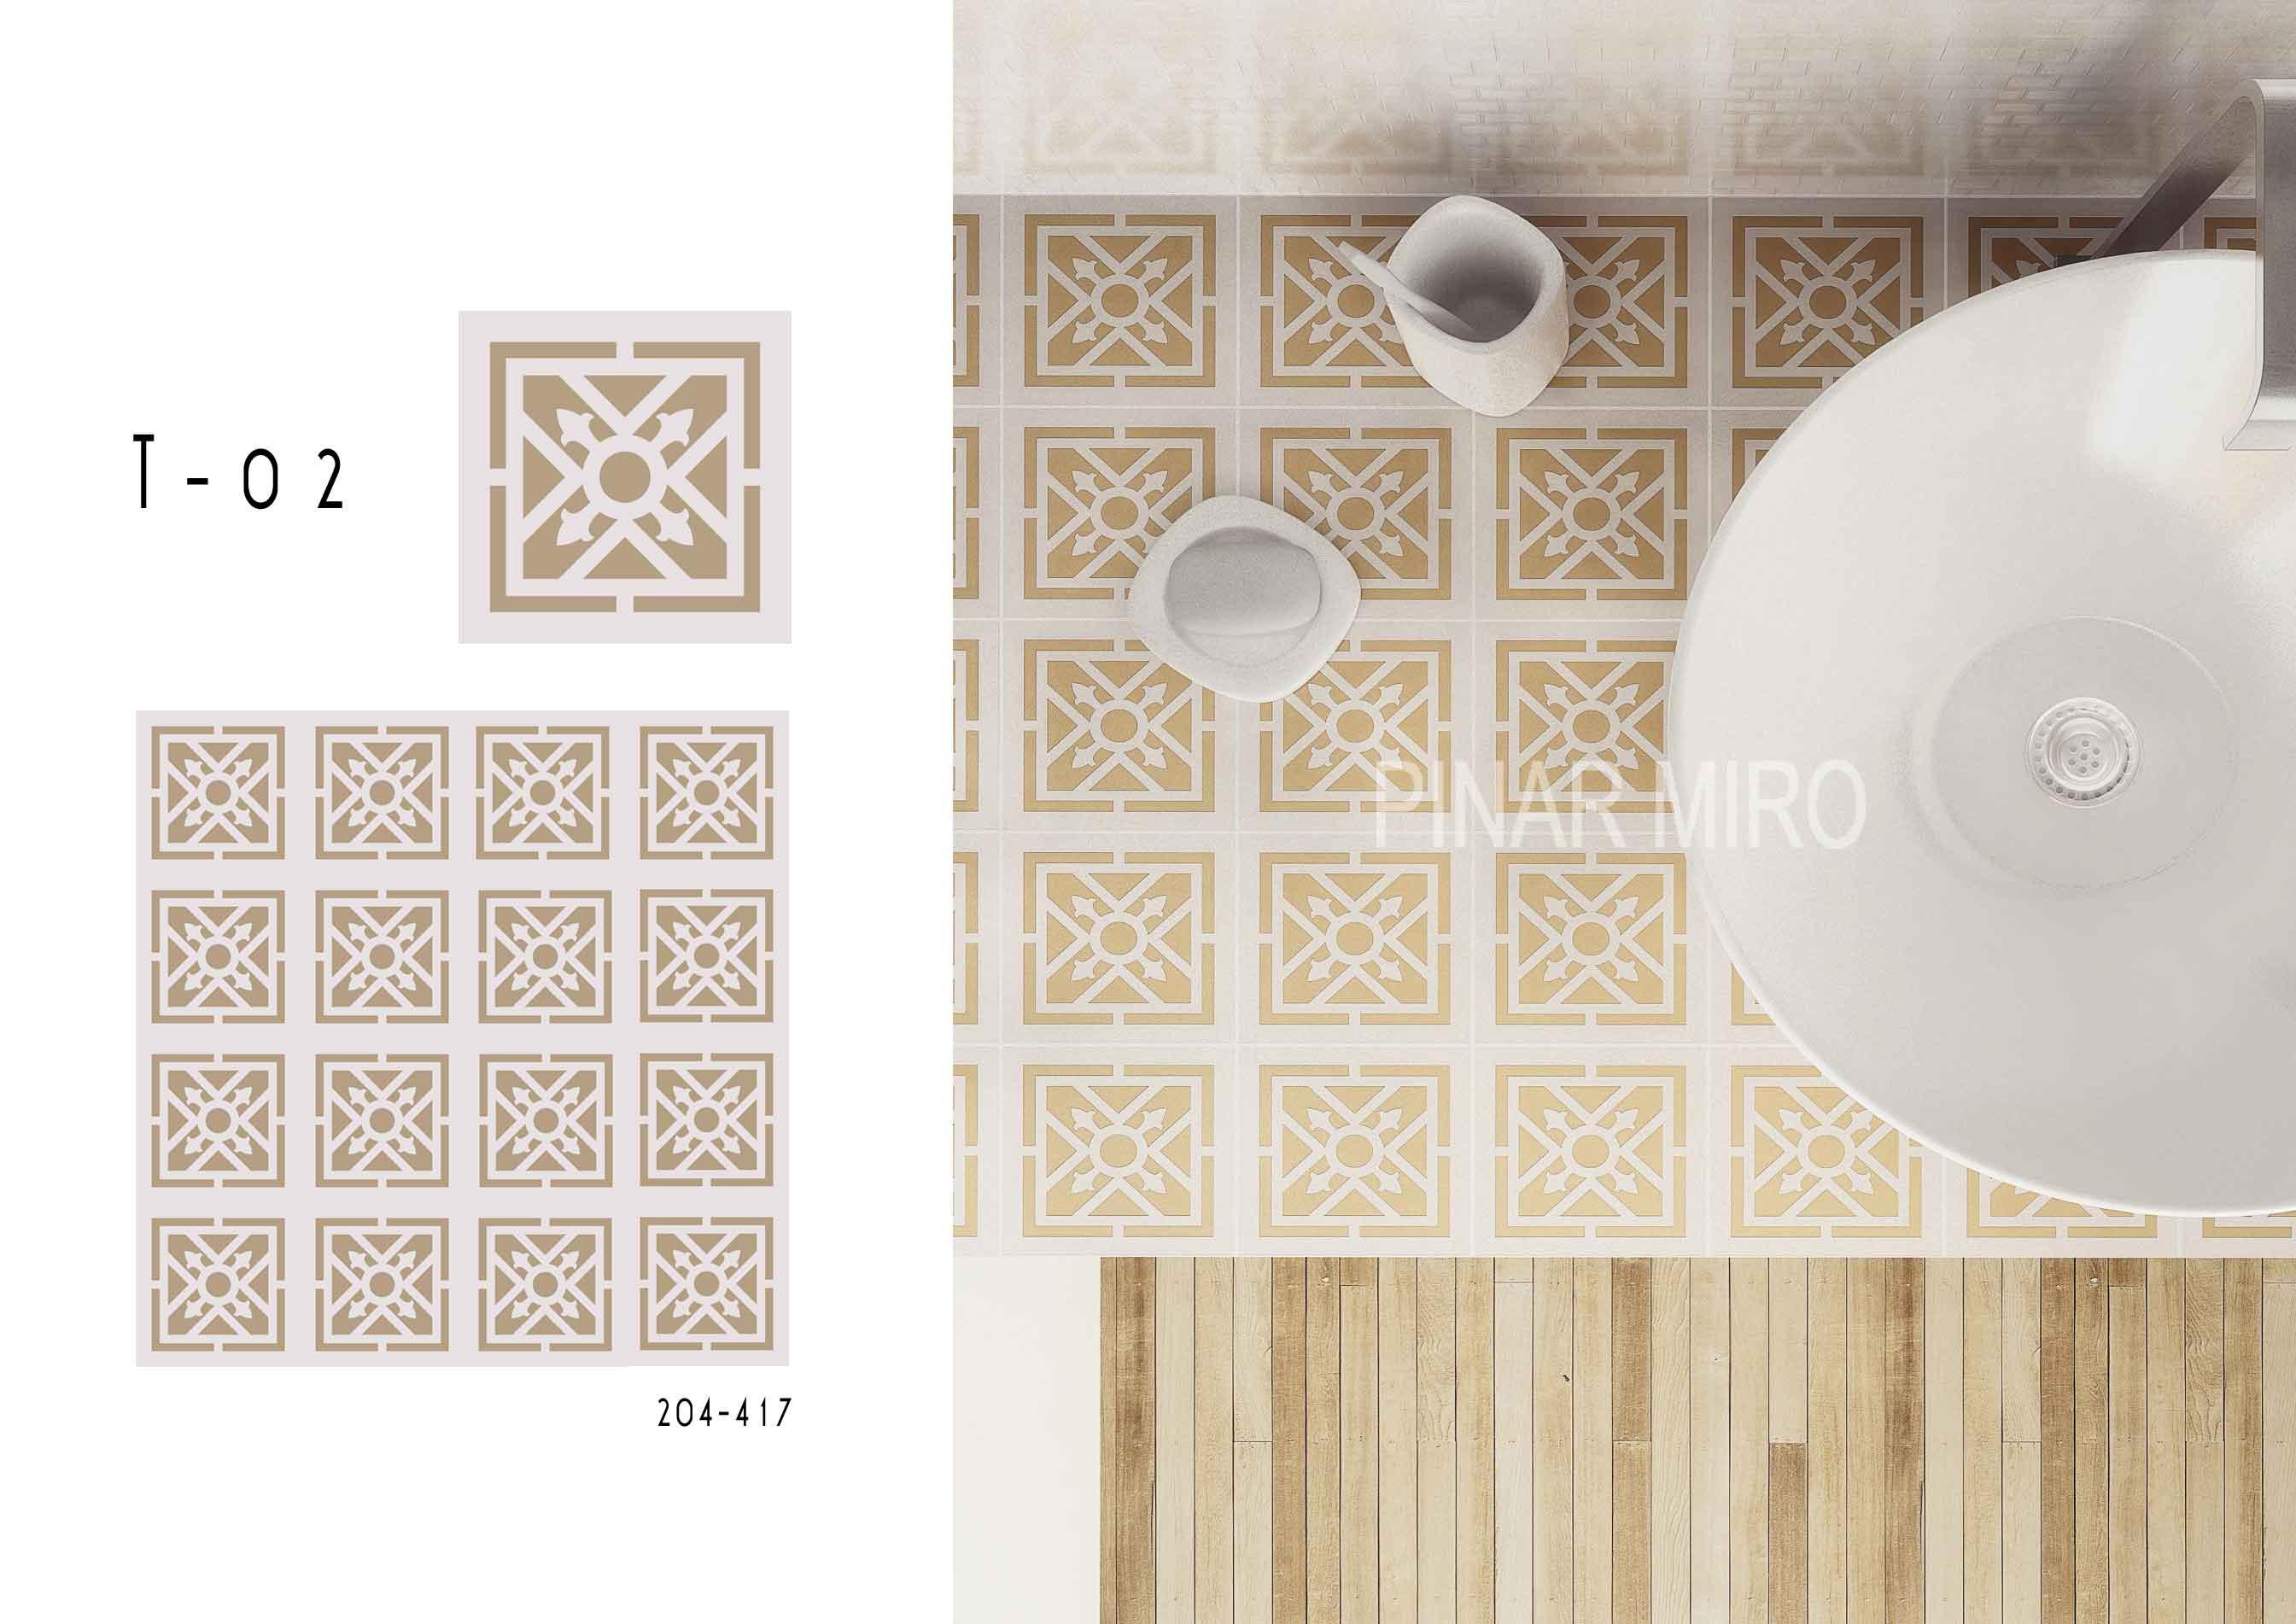 1t002-pinar-miro-cement-tiles